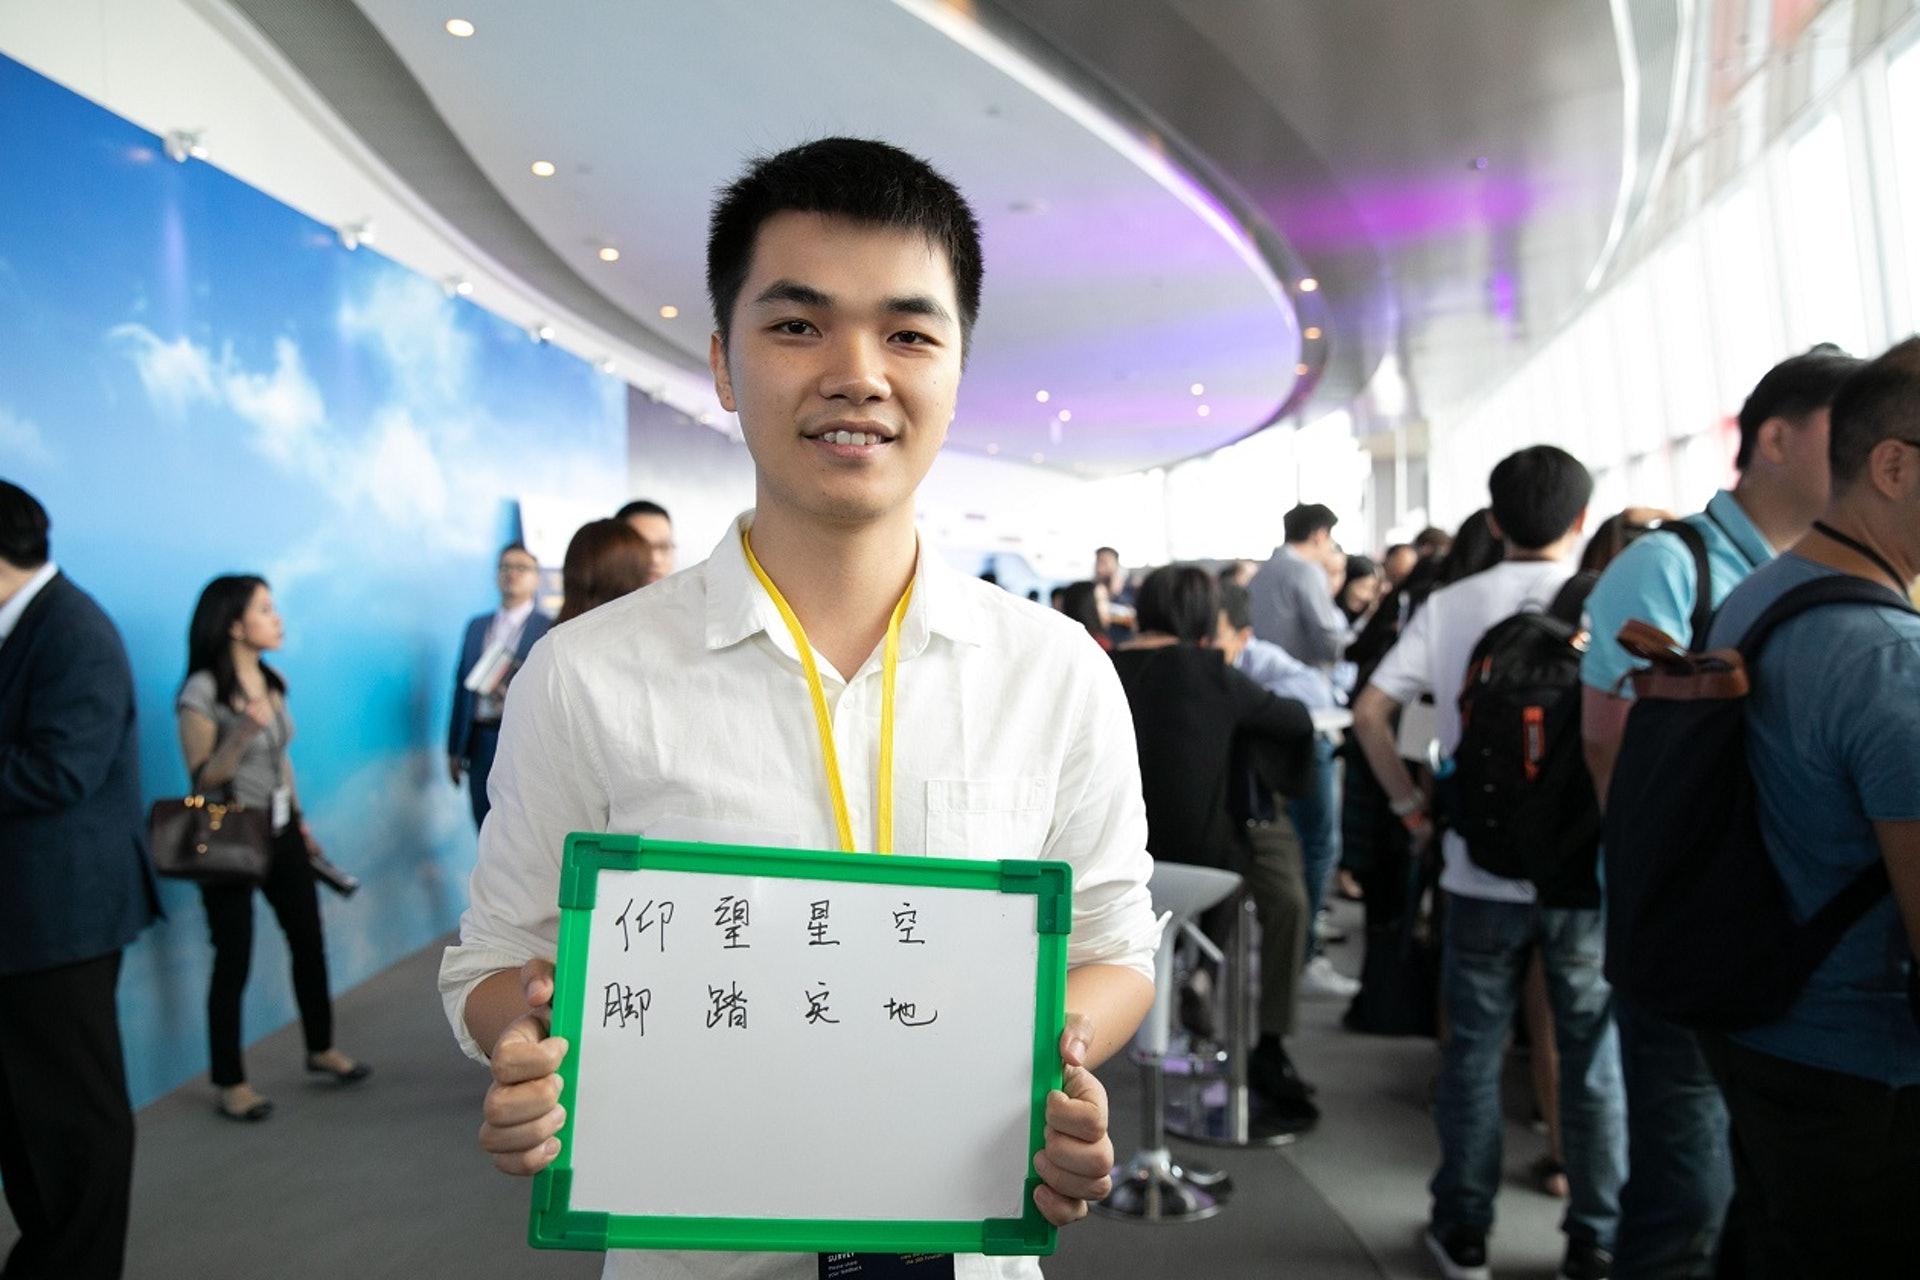 【仰望星空,腳踏實地】中國初創法狗狗最終成為比賽十強隊伍之一,它數據科學家陳文鴻指,在香港創業,就是要向上望(尋找願景),然後便要向下做(踏實地實踐)。